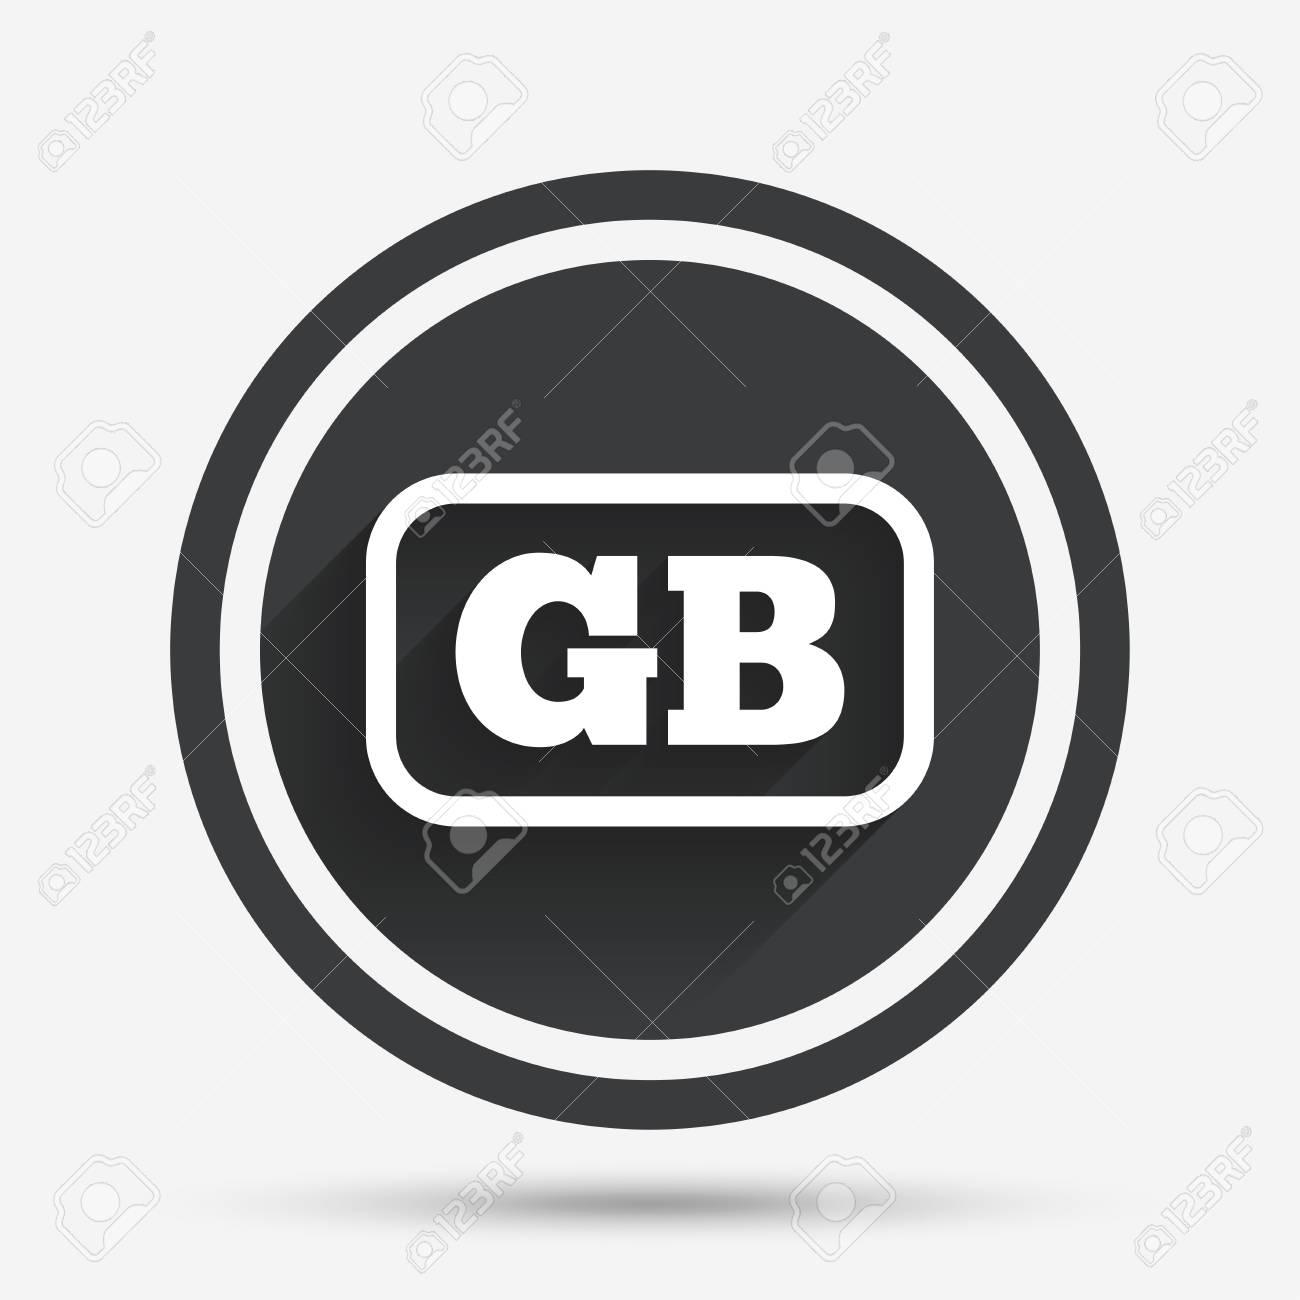 Británica Icono De Lenguaje De Signos. Símbolo De Traducción GB Gran ...